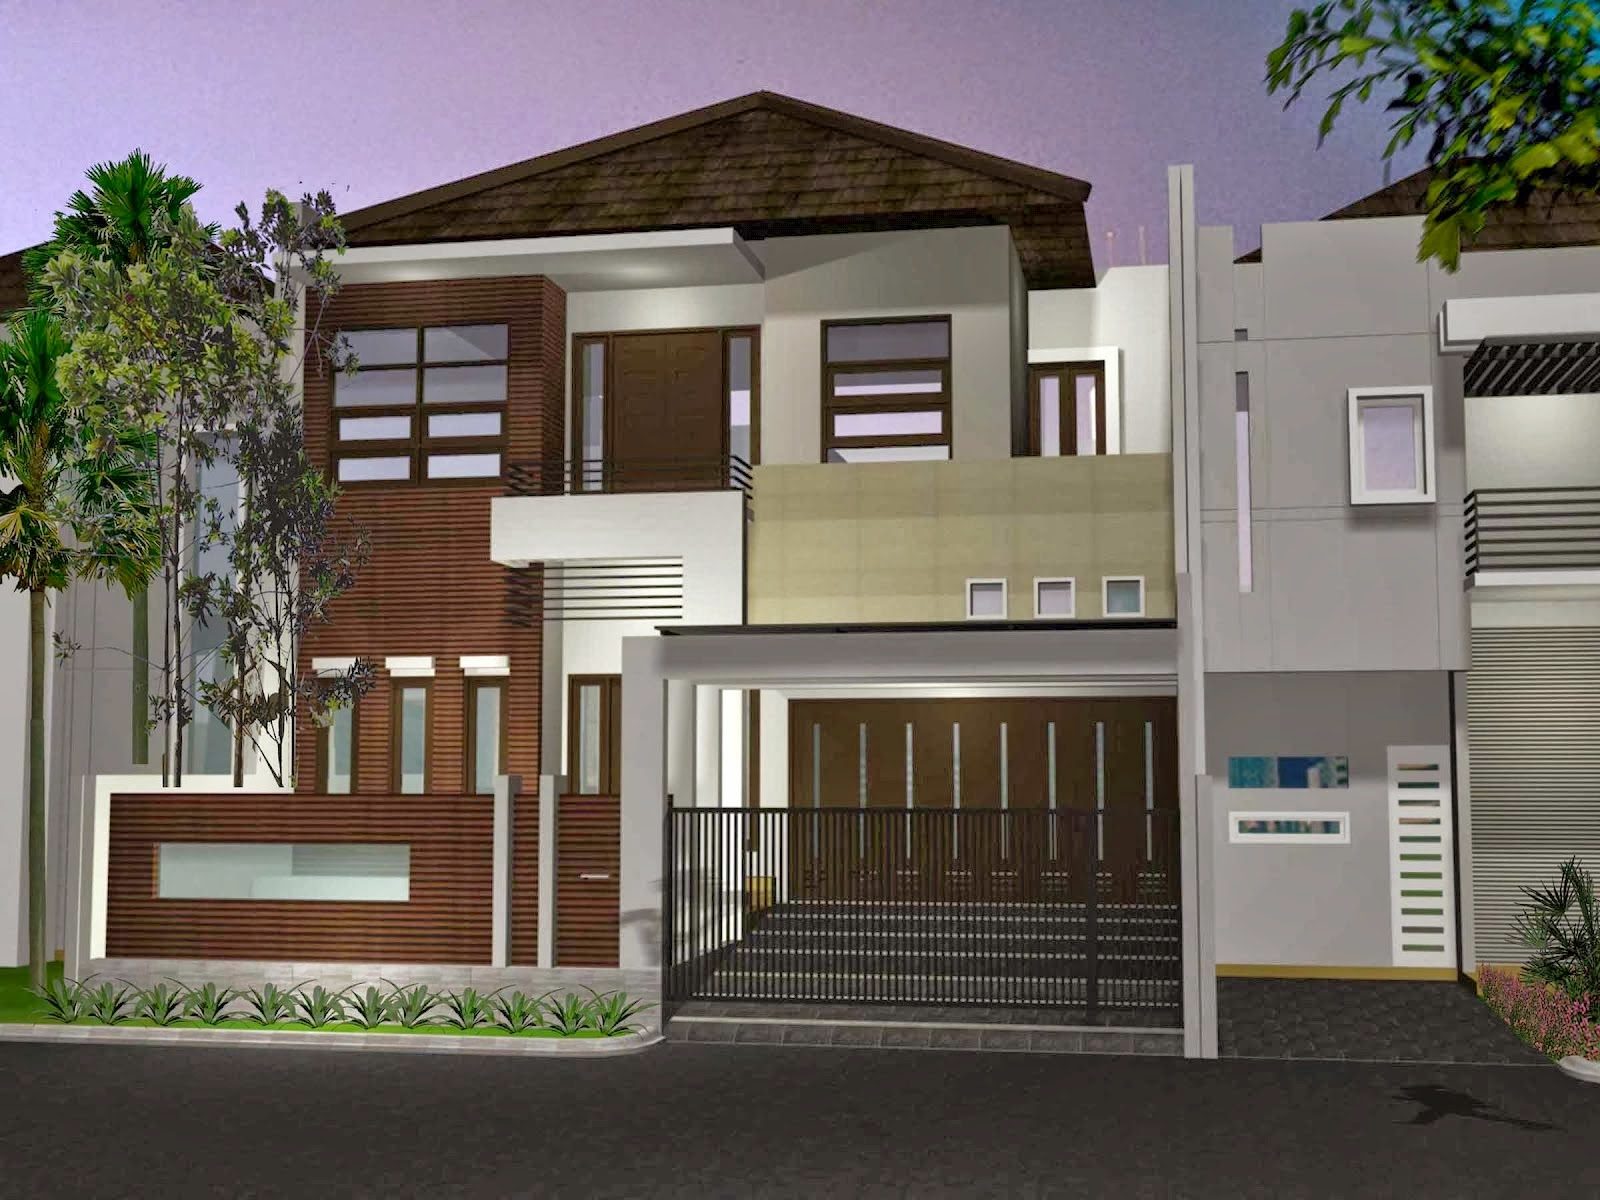 30 Model Desain Rumah 2 Lantai Minimalis